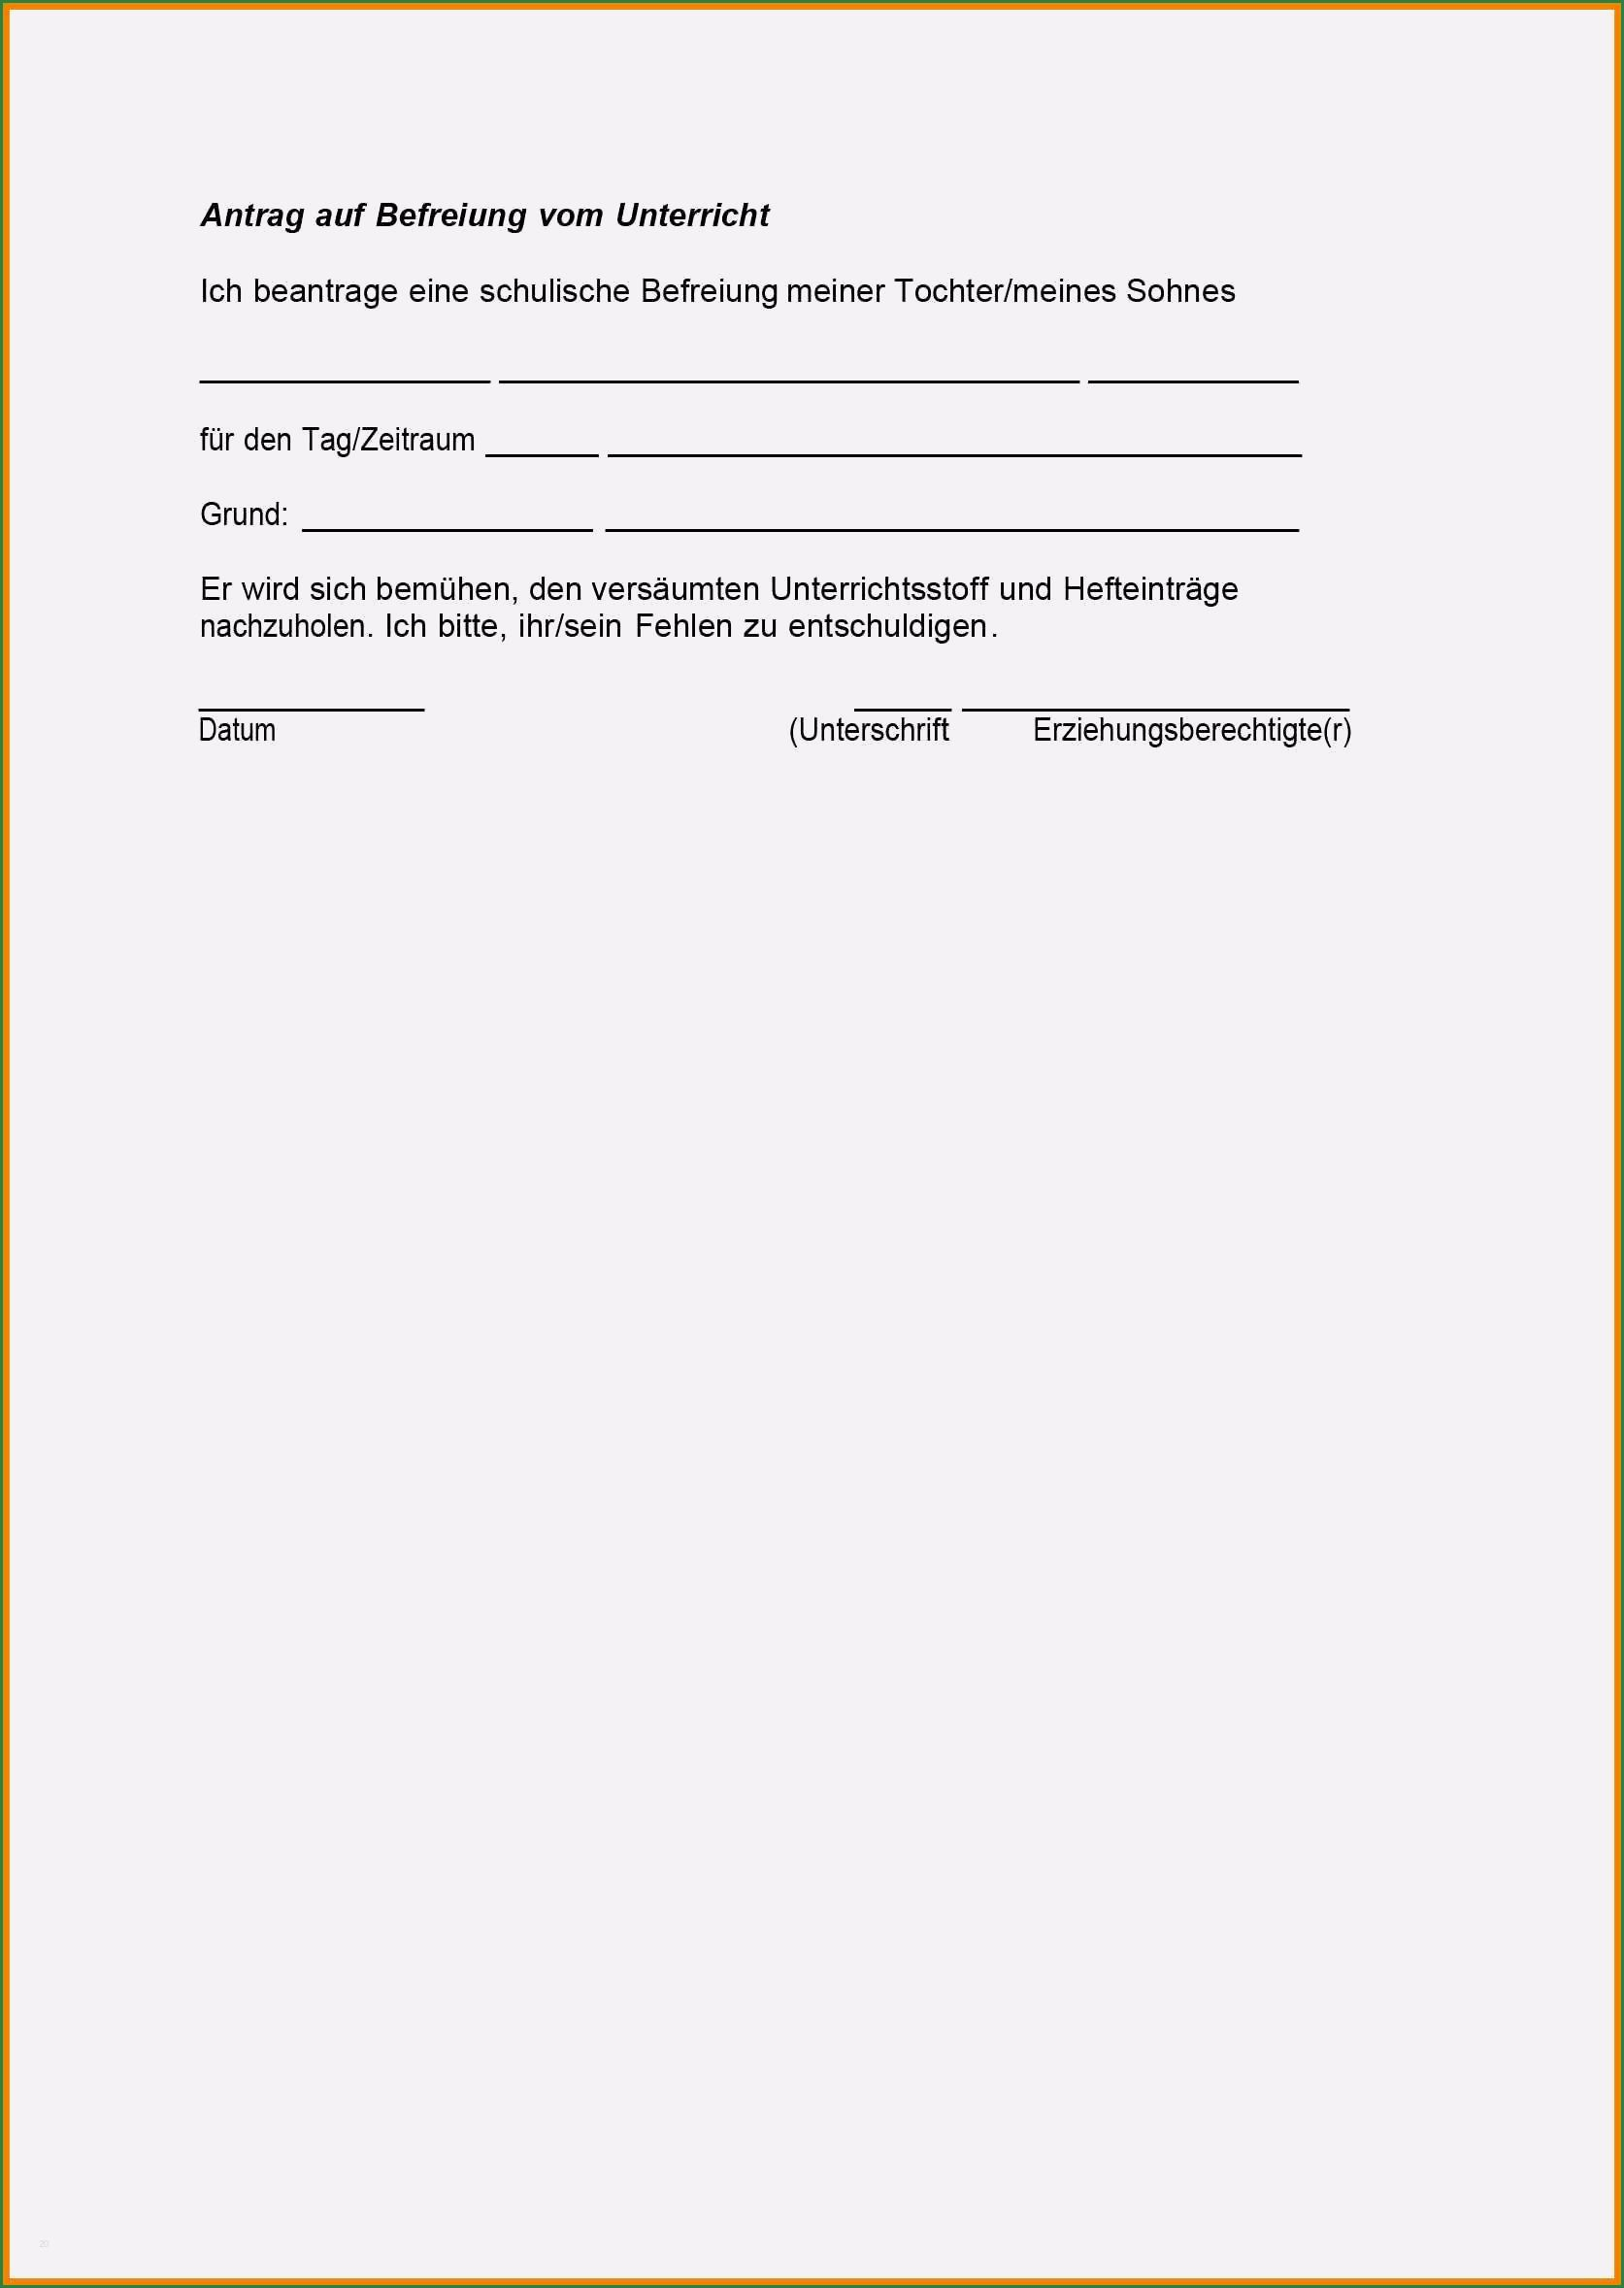 11 Ungewohnlich Abmeldung Schule Vorlage Mit Fotos In 2020 Briefkopf Vorlage Schule Vorlagen